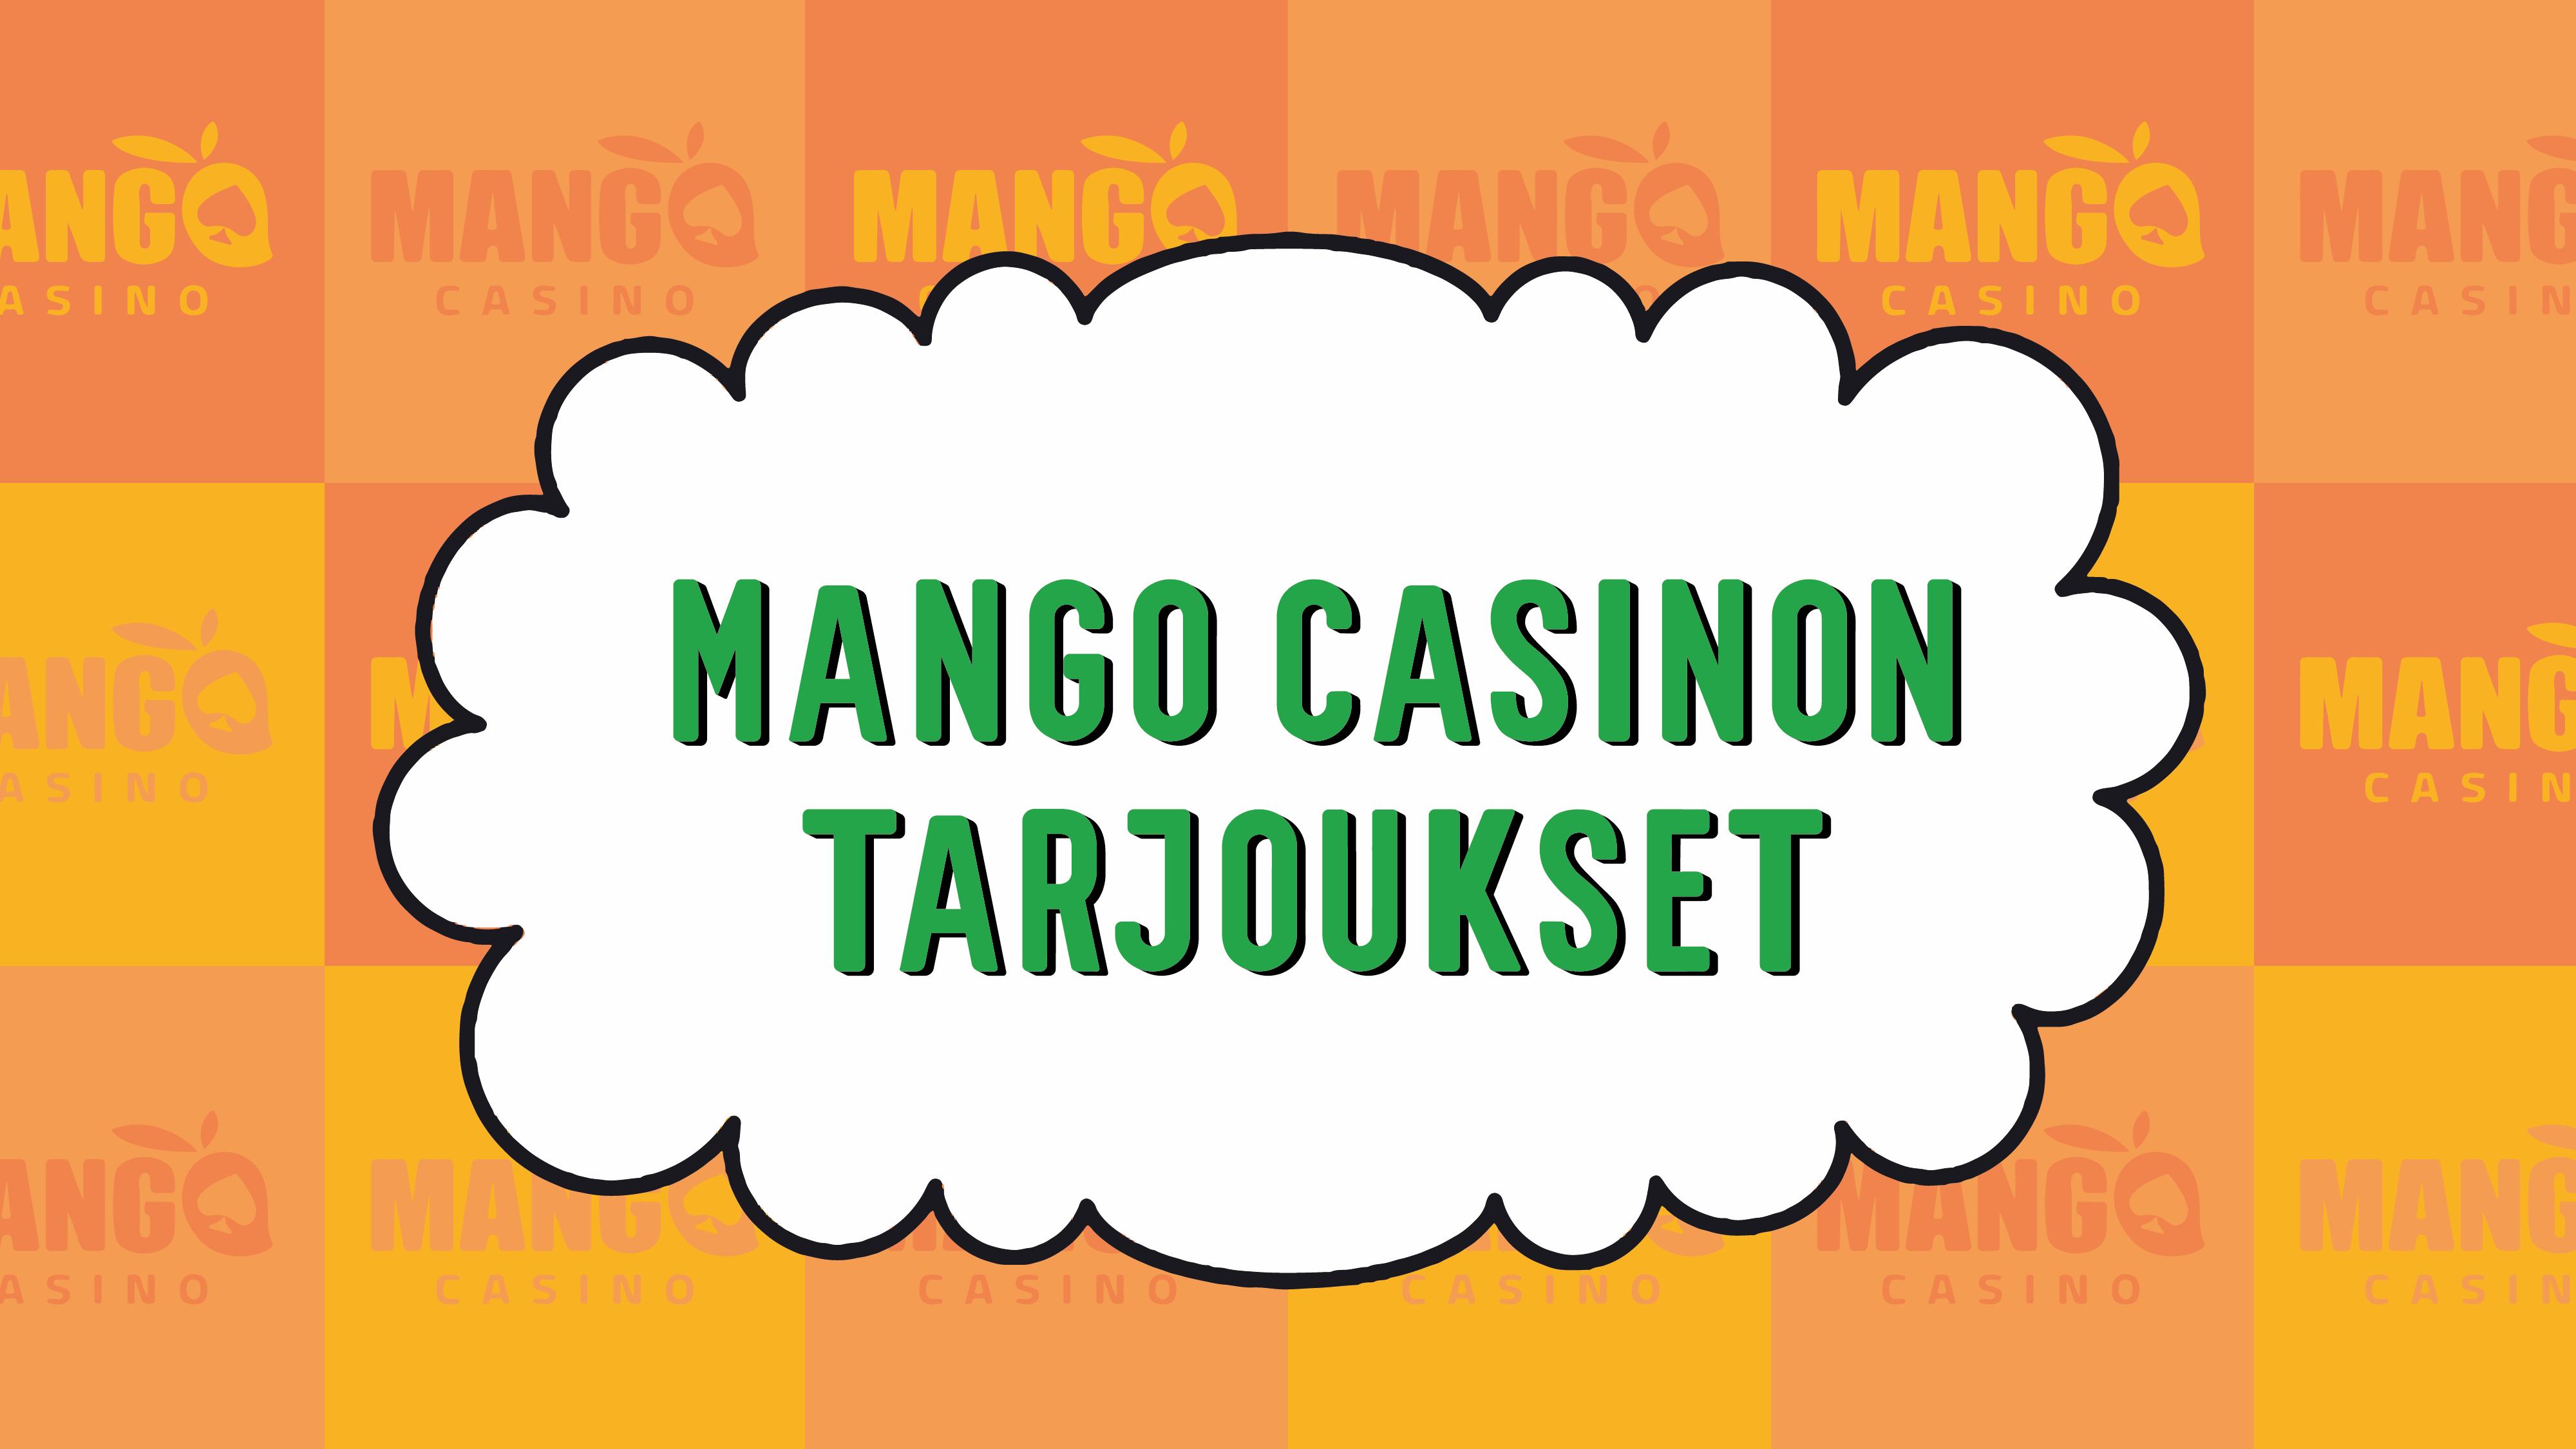 Mango Casinon tarjoukset